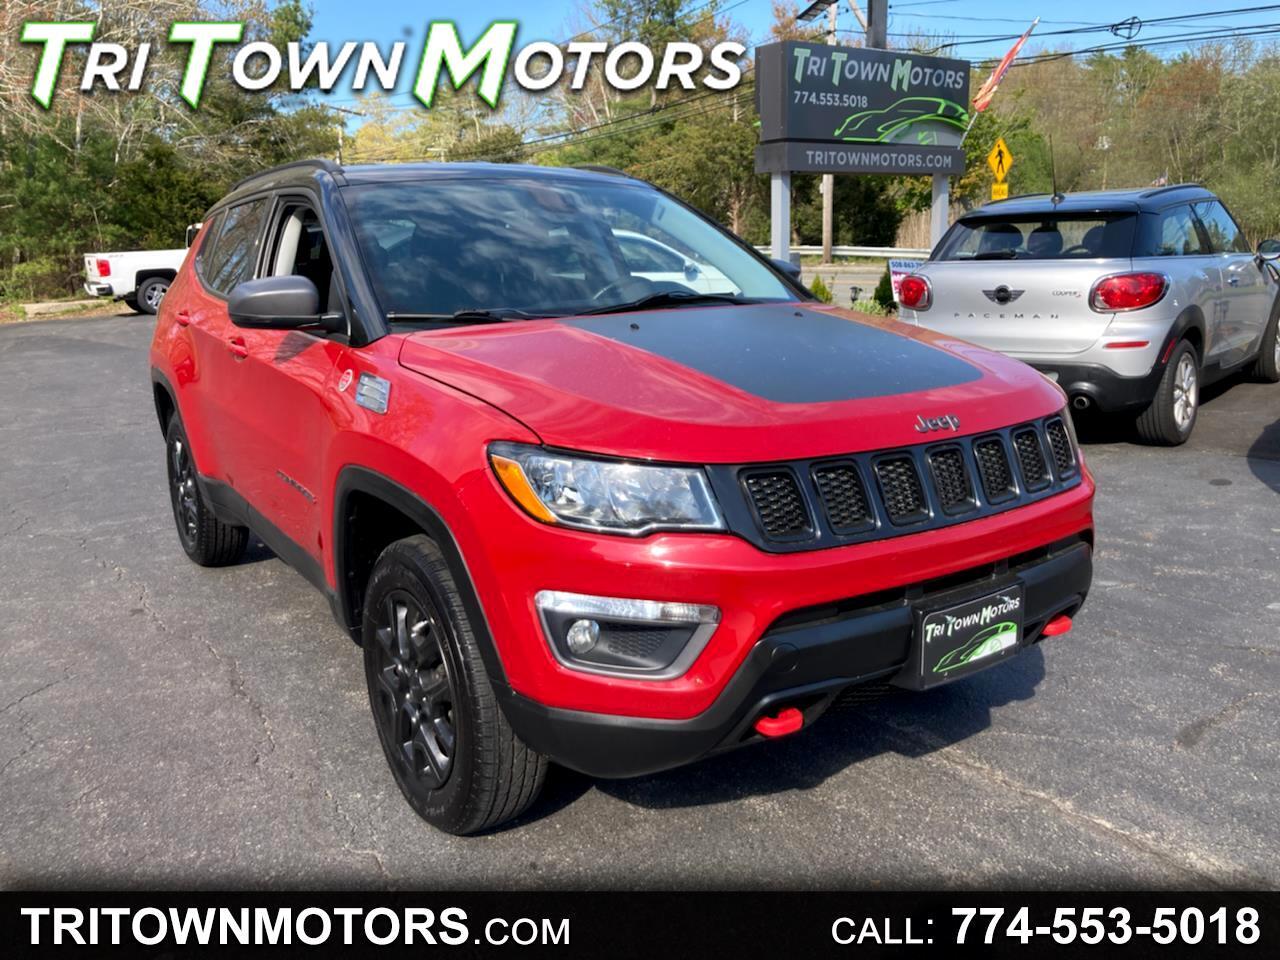 Jeep Compass Trailhawk 4x4 2017